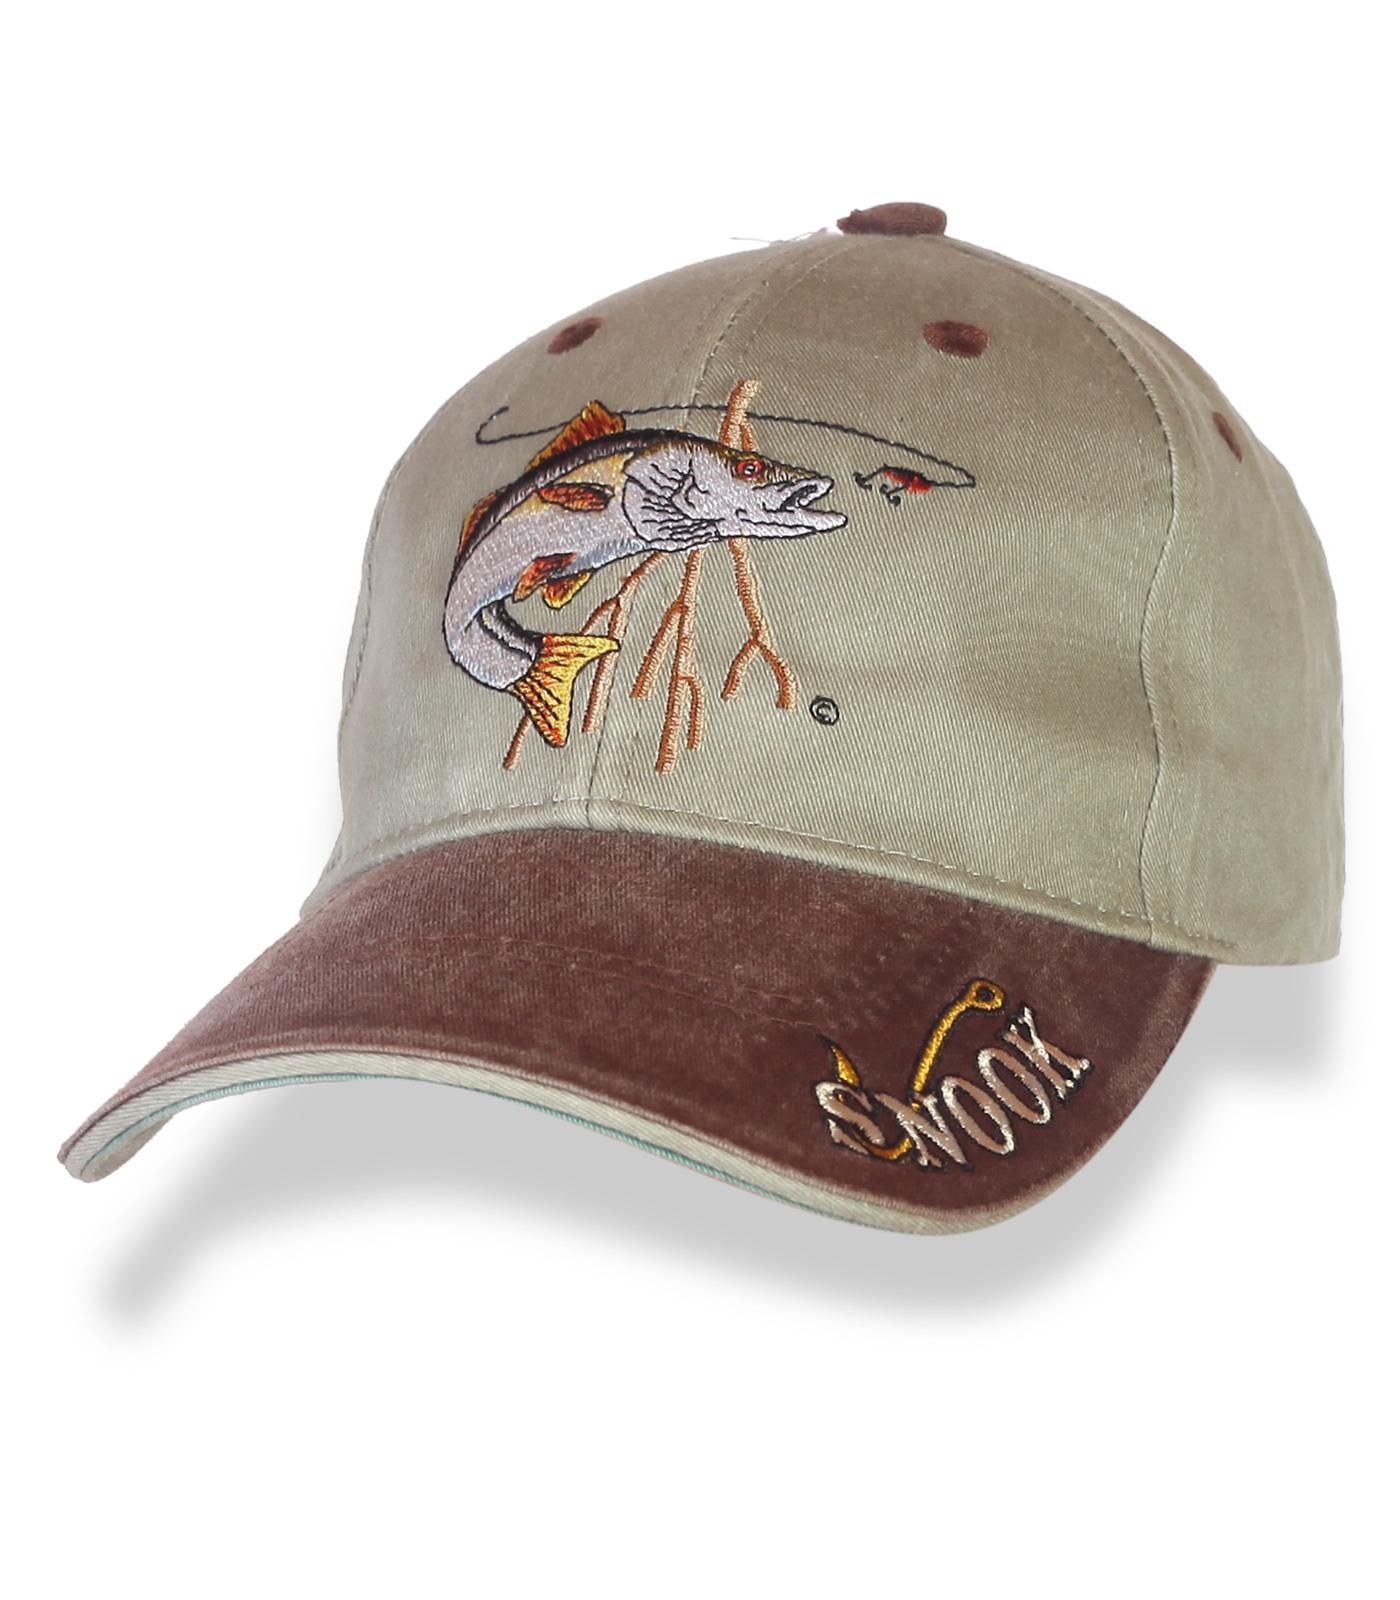 Рыбацкие головные уборы: бейсболки, панамы, шапочки